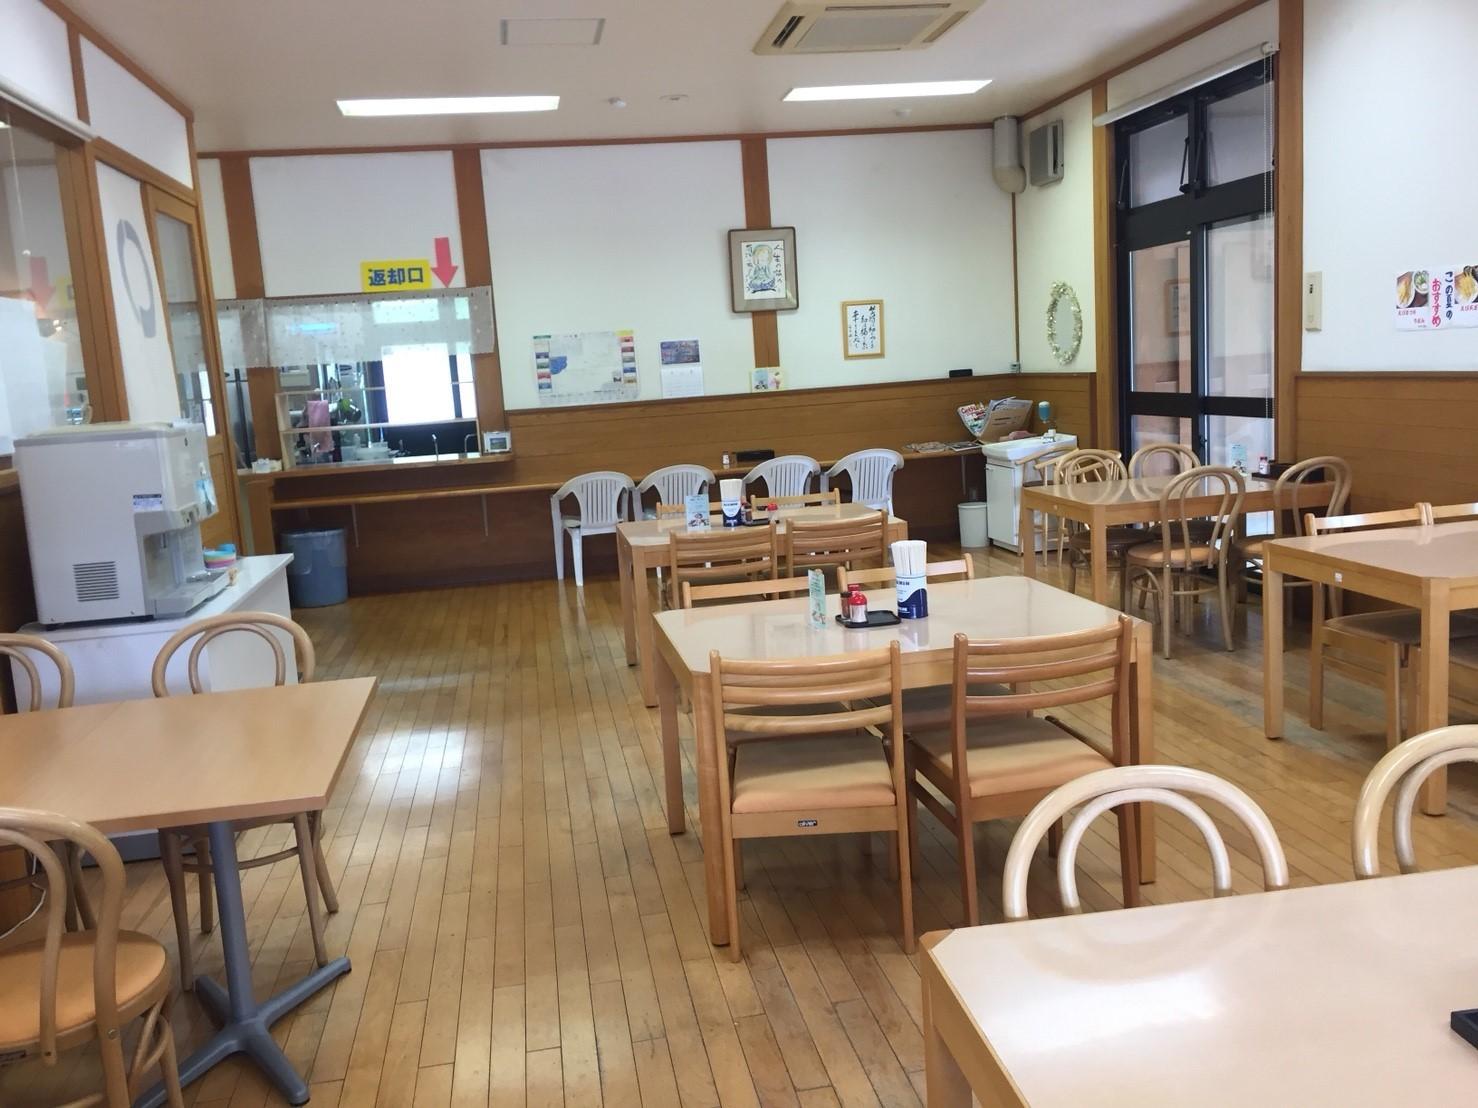 関金の道の駅 犬挟  内に併設されてる犬挟食堂_e0115904_14584014.jpg